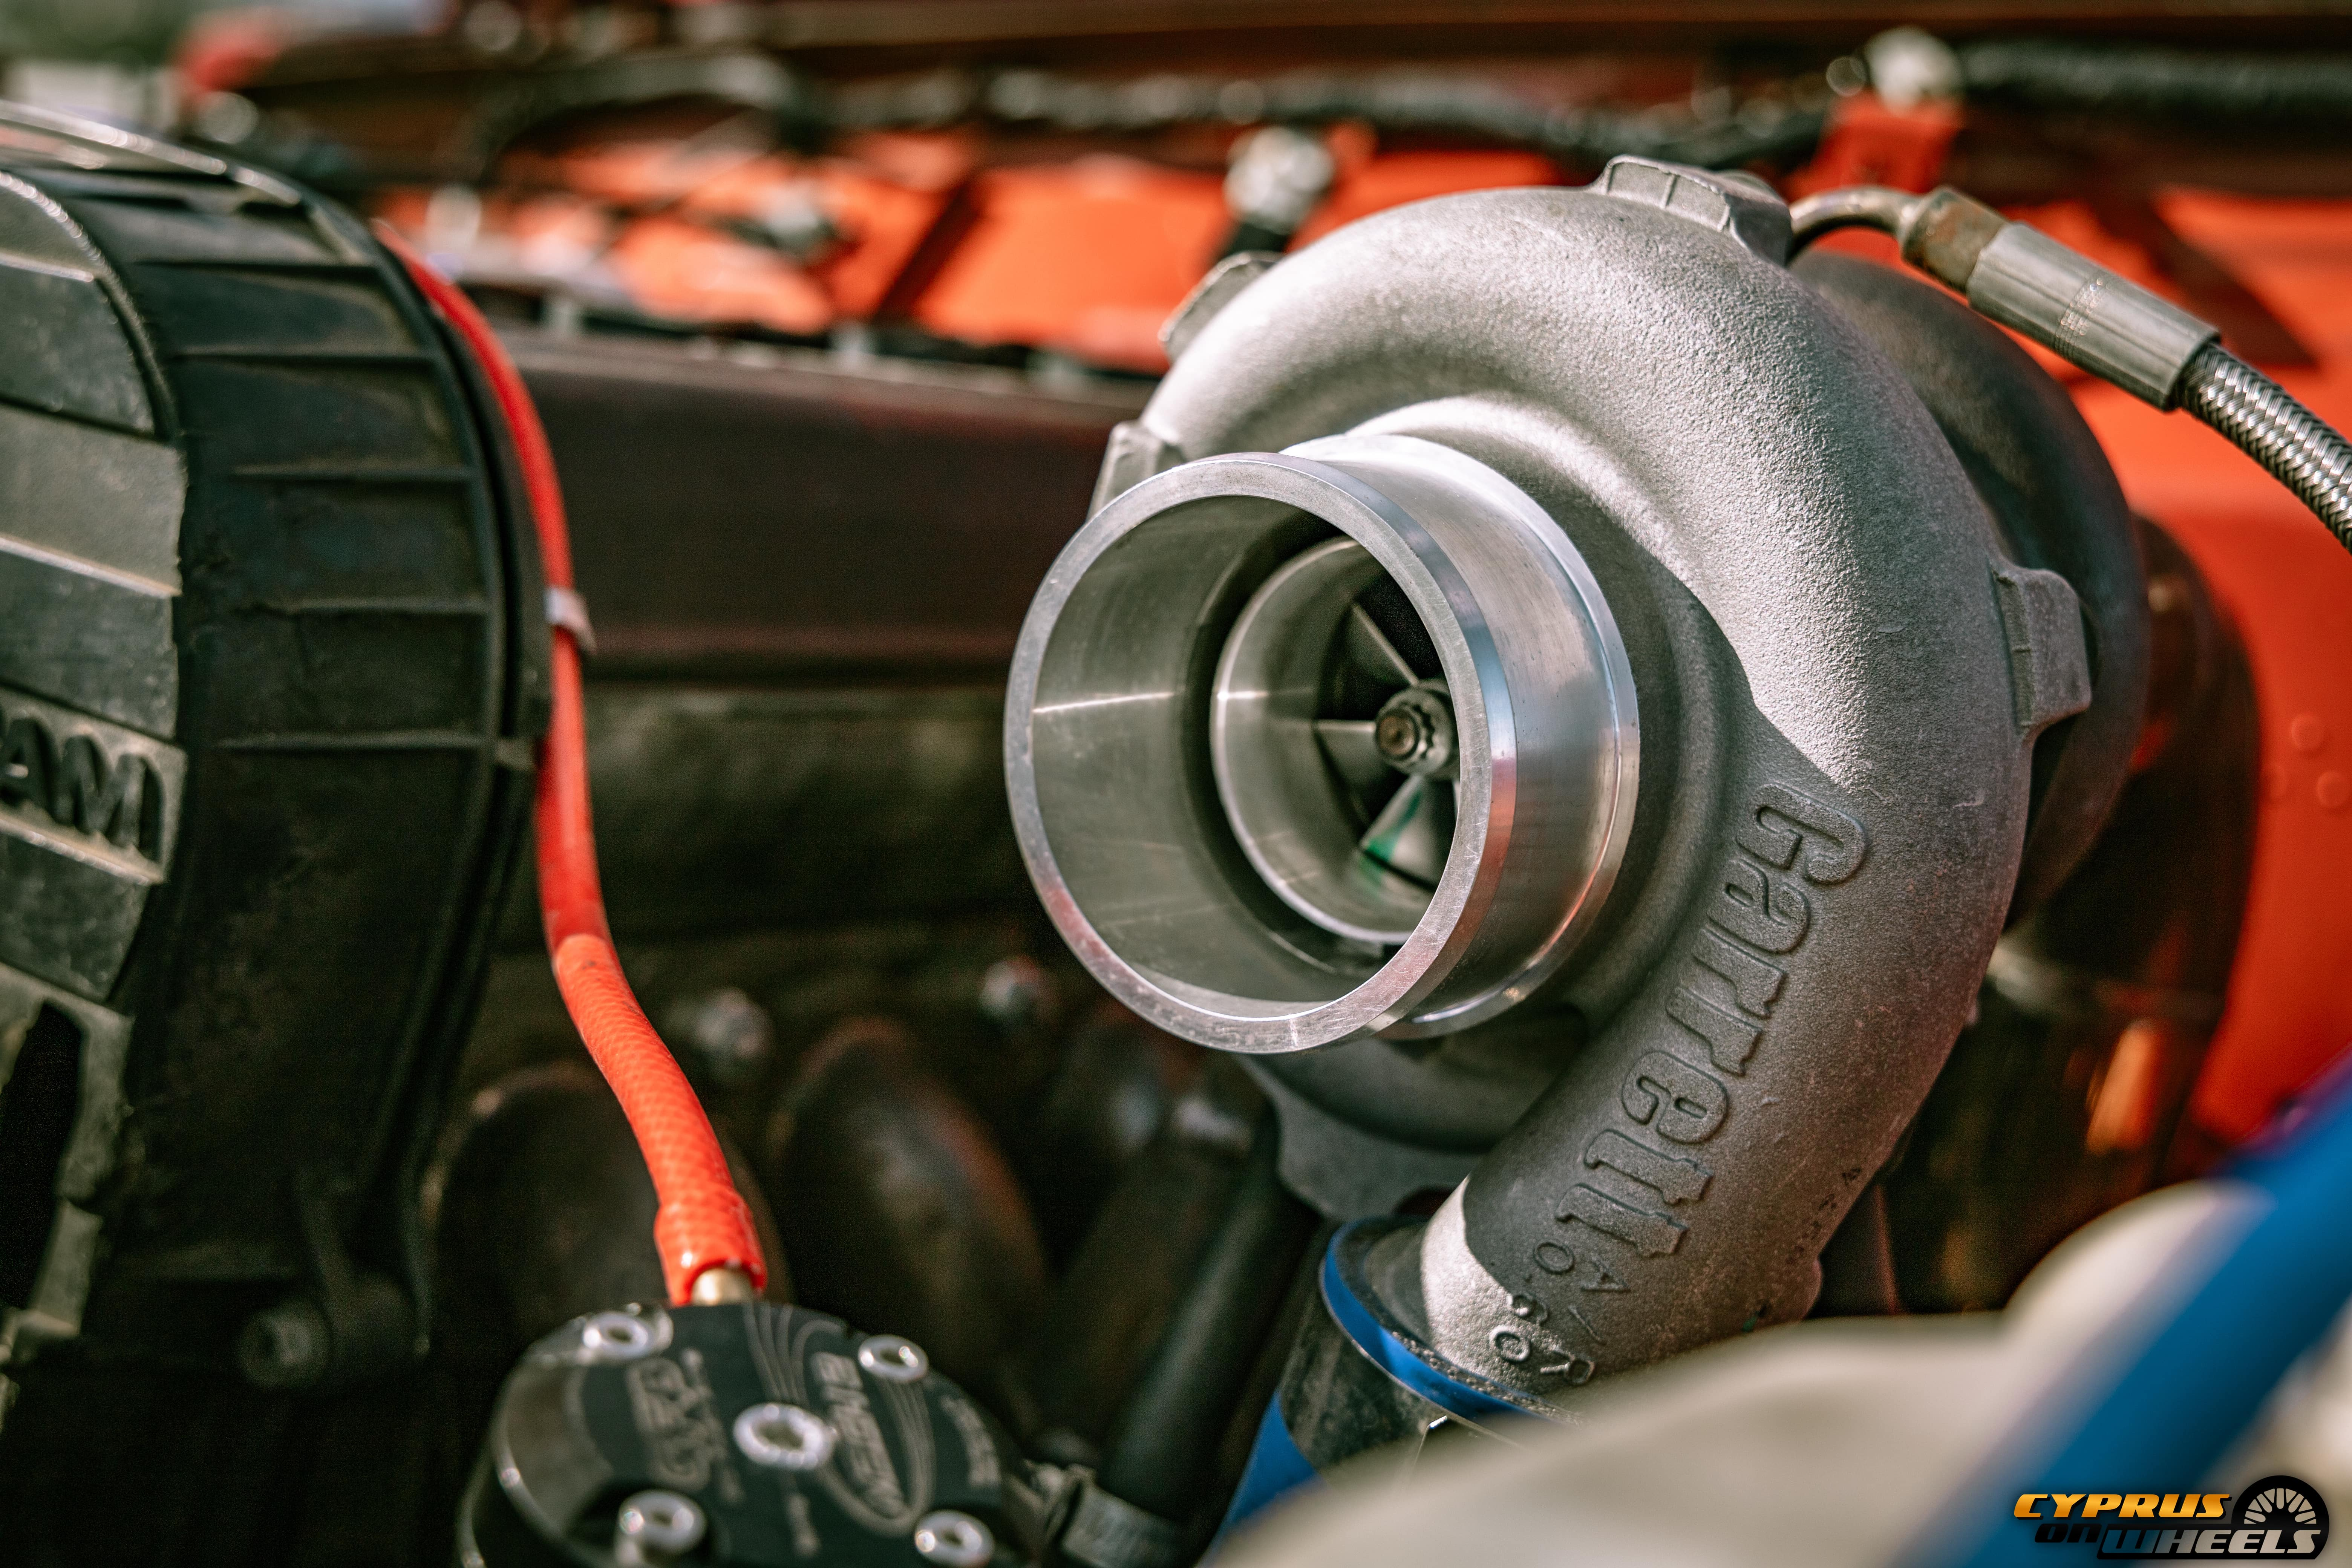 Garrett turbo suzuki engine